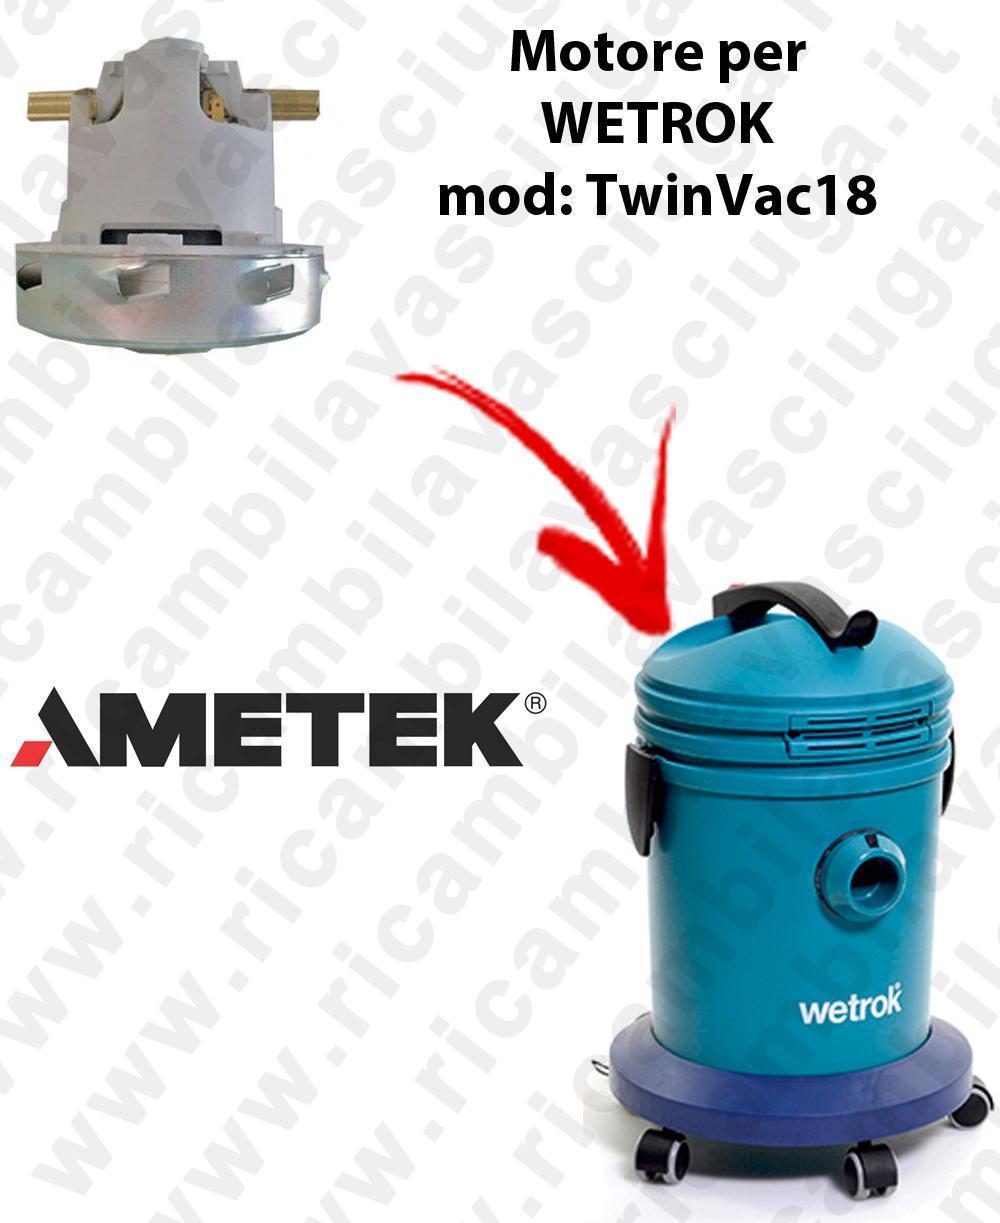 TWINVAC 18  Motore de aspiración AMETEK para aspiradora WETROK